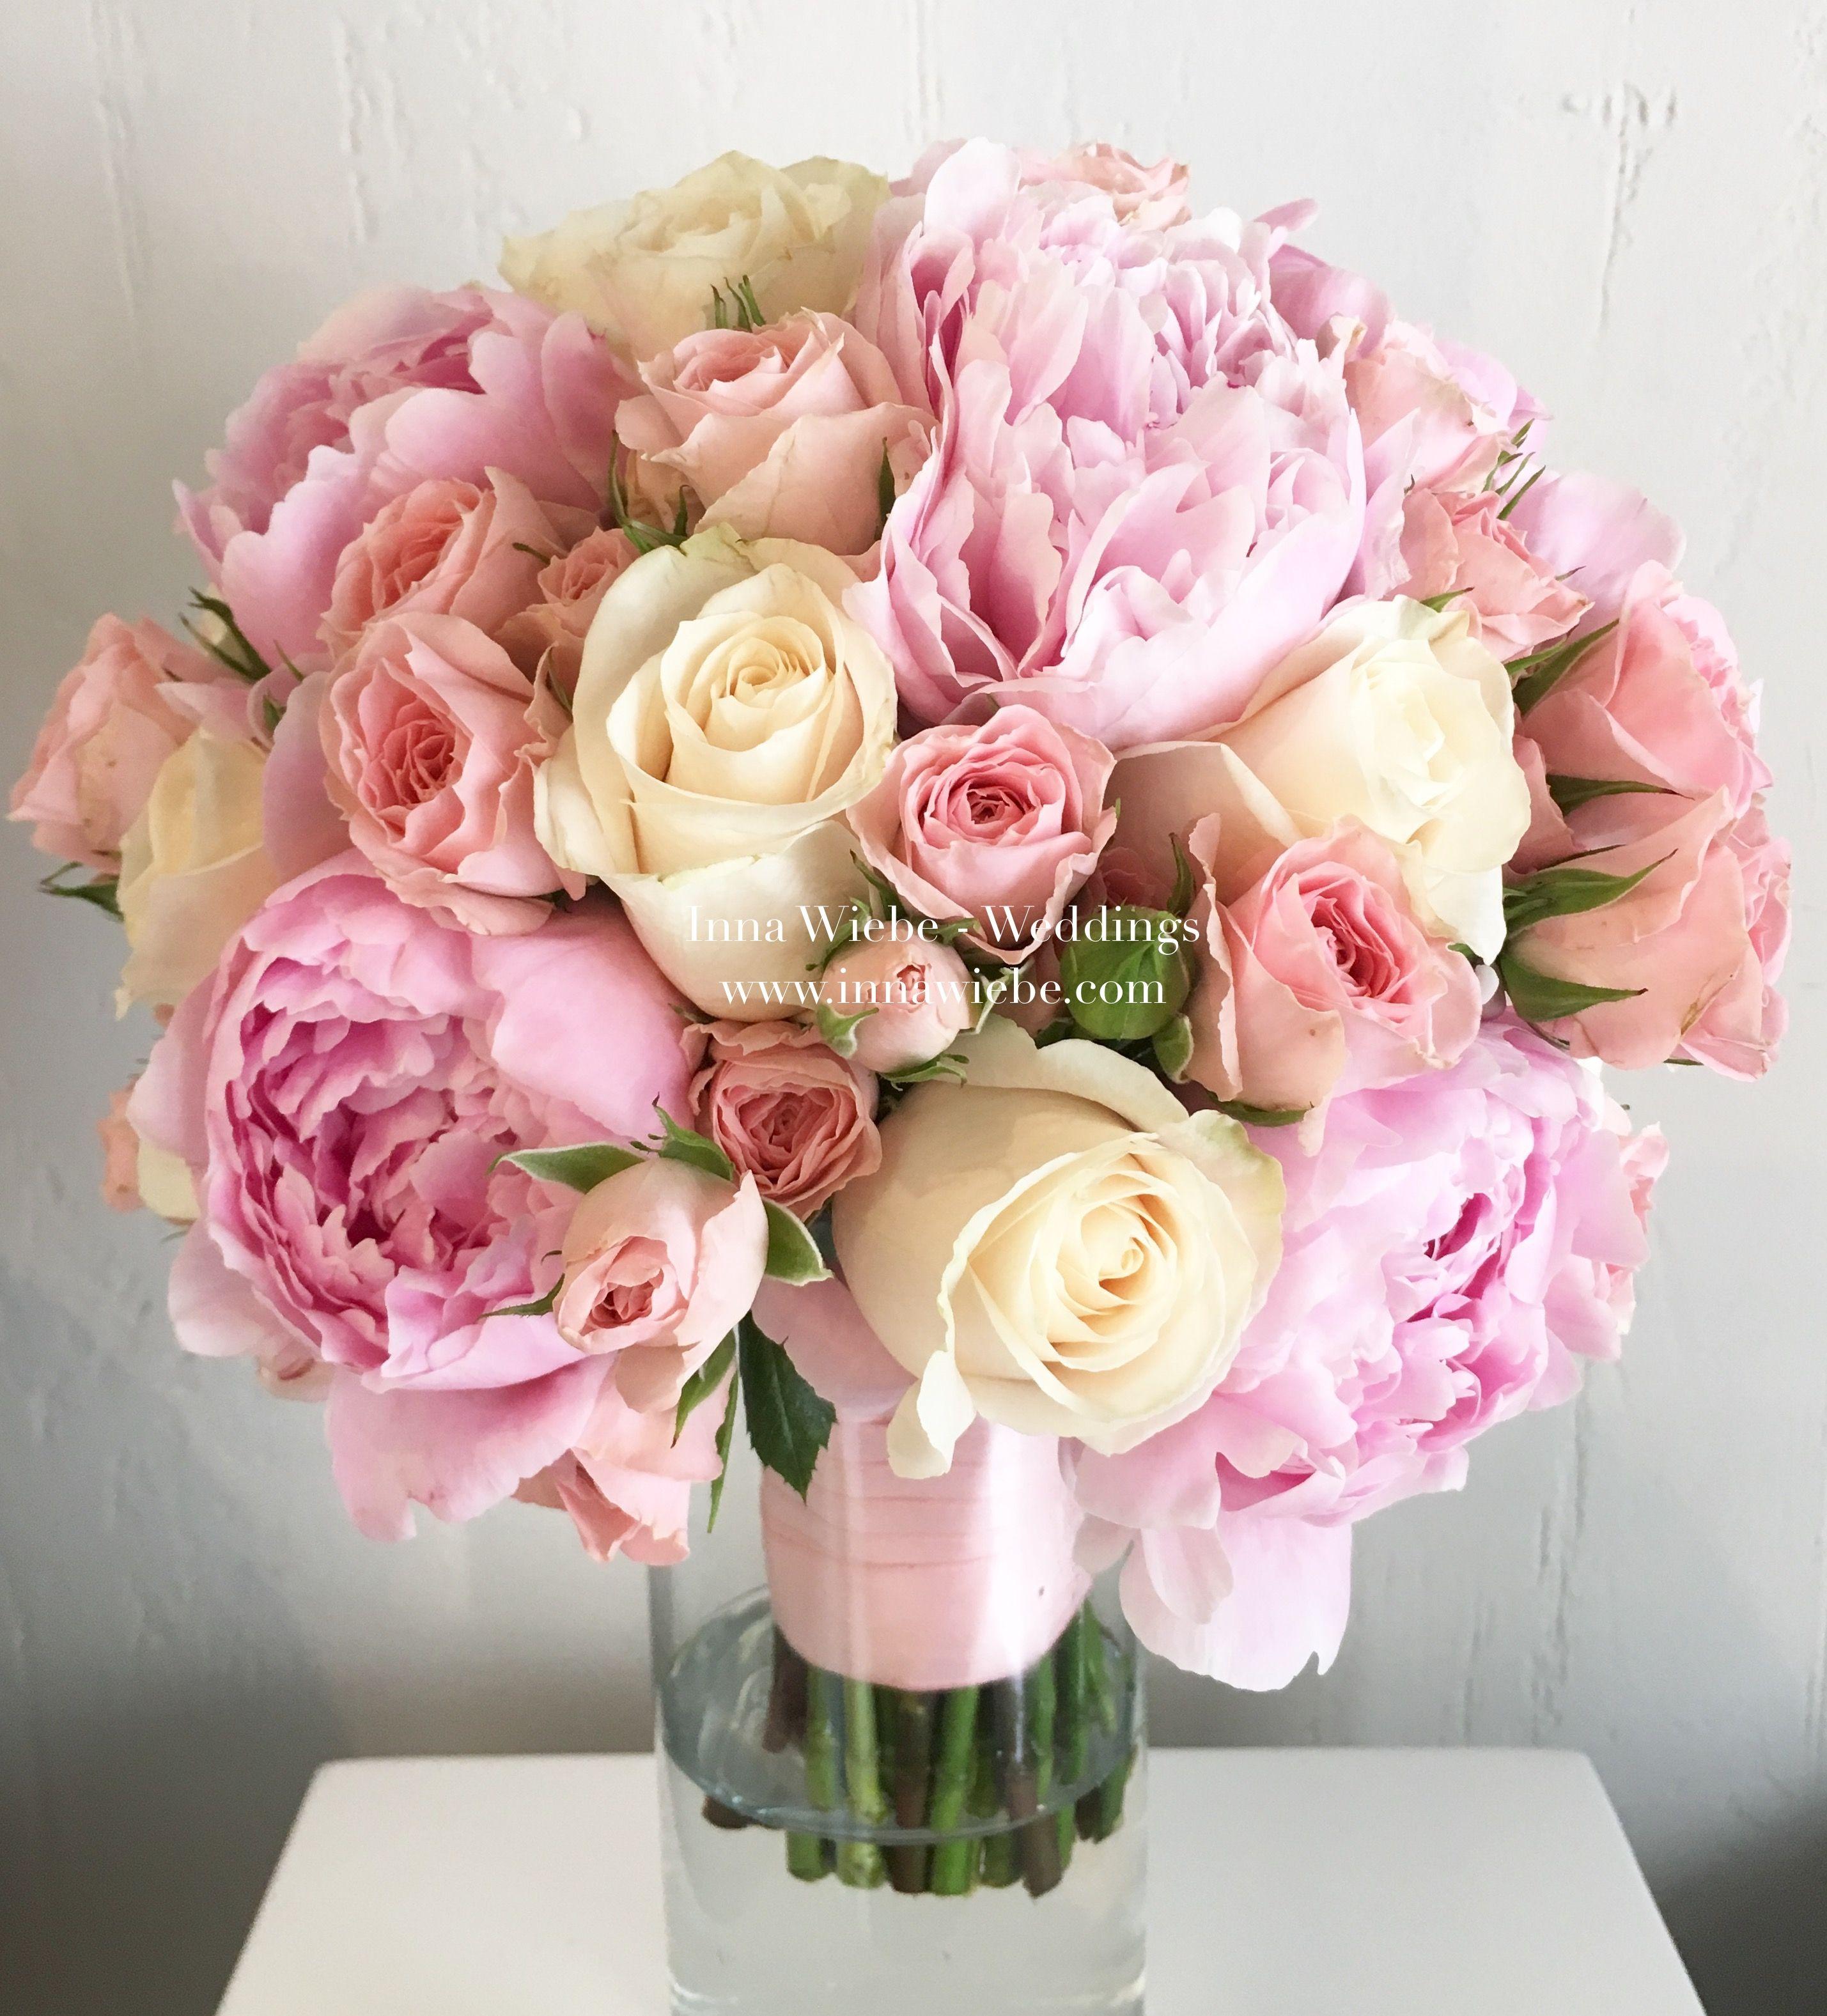 Brautstrau mit pfingstrosen in ros brautstrau bridalbouquet bride flowers blumenstrau - Pfingstrosen dekoration ...